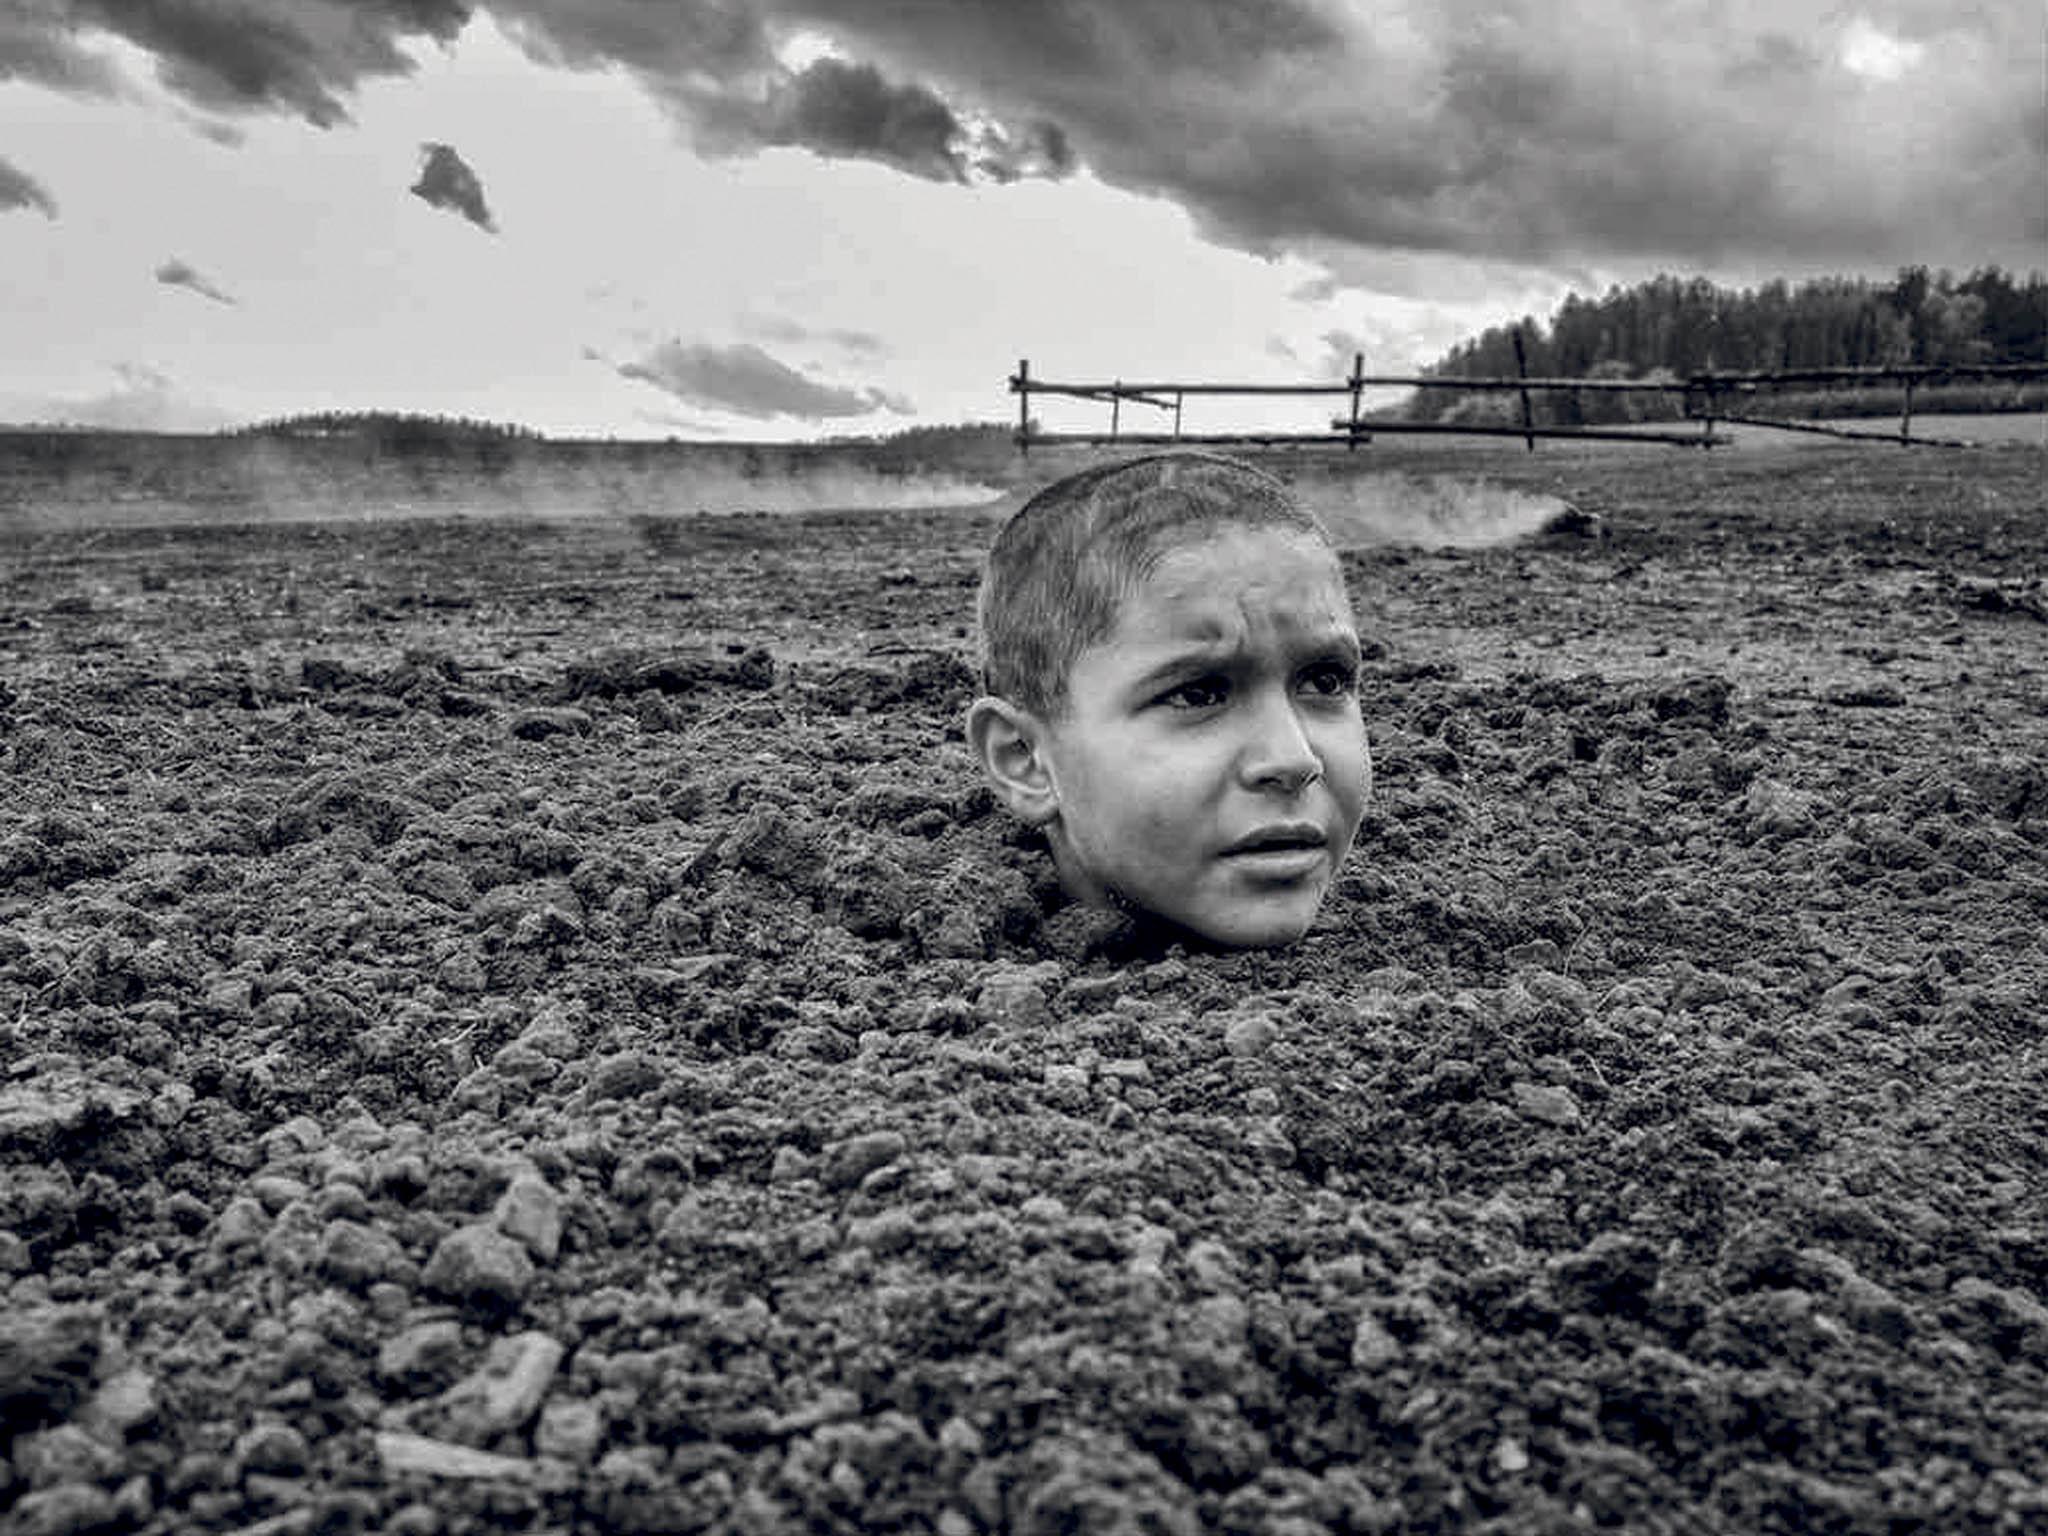 Nový celovečerní film Václava Marhoula namotivy bestselleru Jerzyho Kosińského pojednává ochlapci, kterého rodiče posílají ktetě navenkov vesnaze uchránit ho před vyhlazováním Židů.